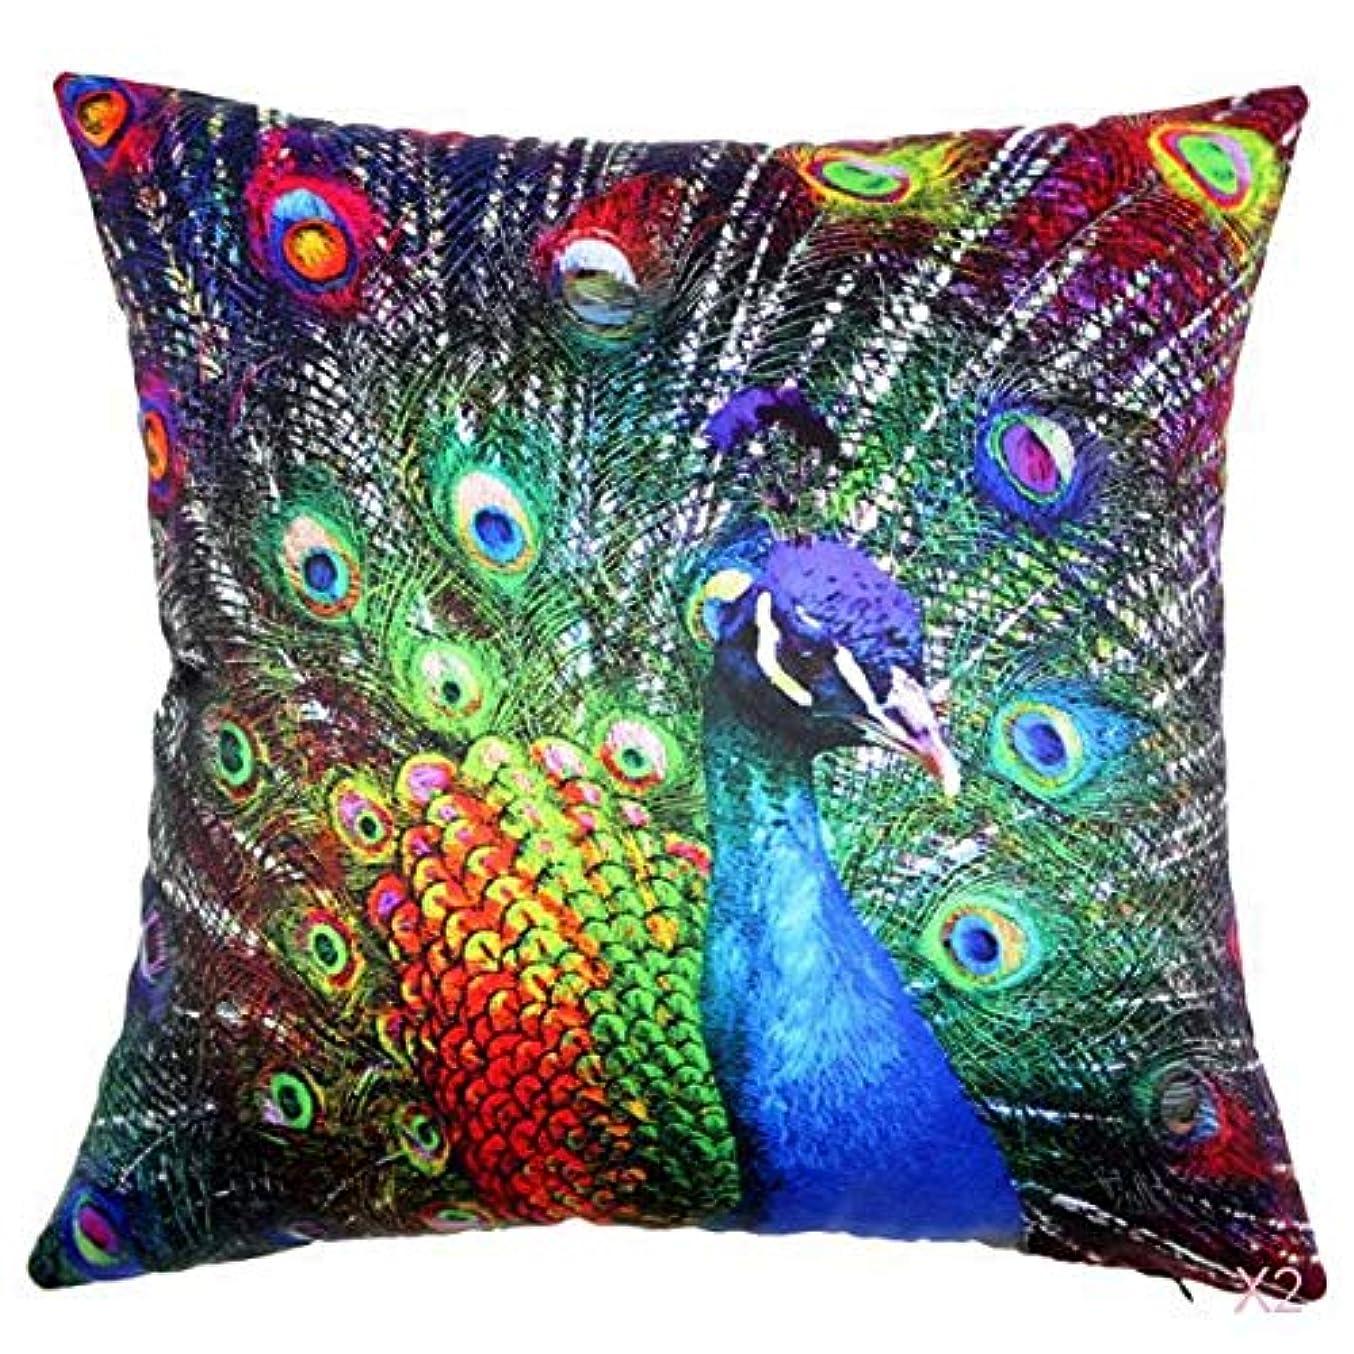 愚かな評論家軽蔑する45センチメートル家の装飾スロー枕カバークッションカバーヴィンテージ孔雀のパターン02